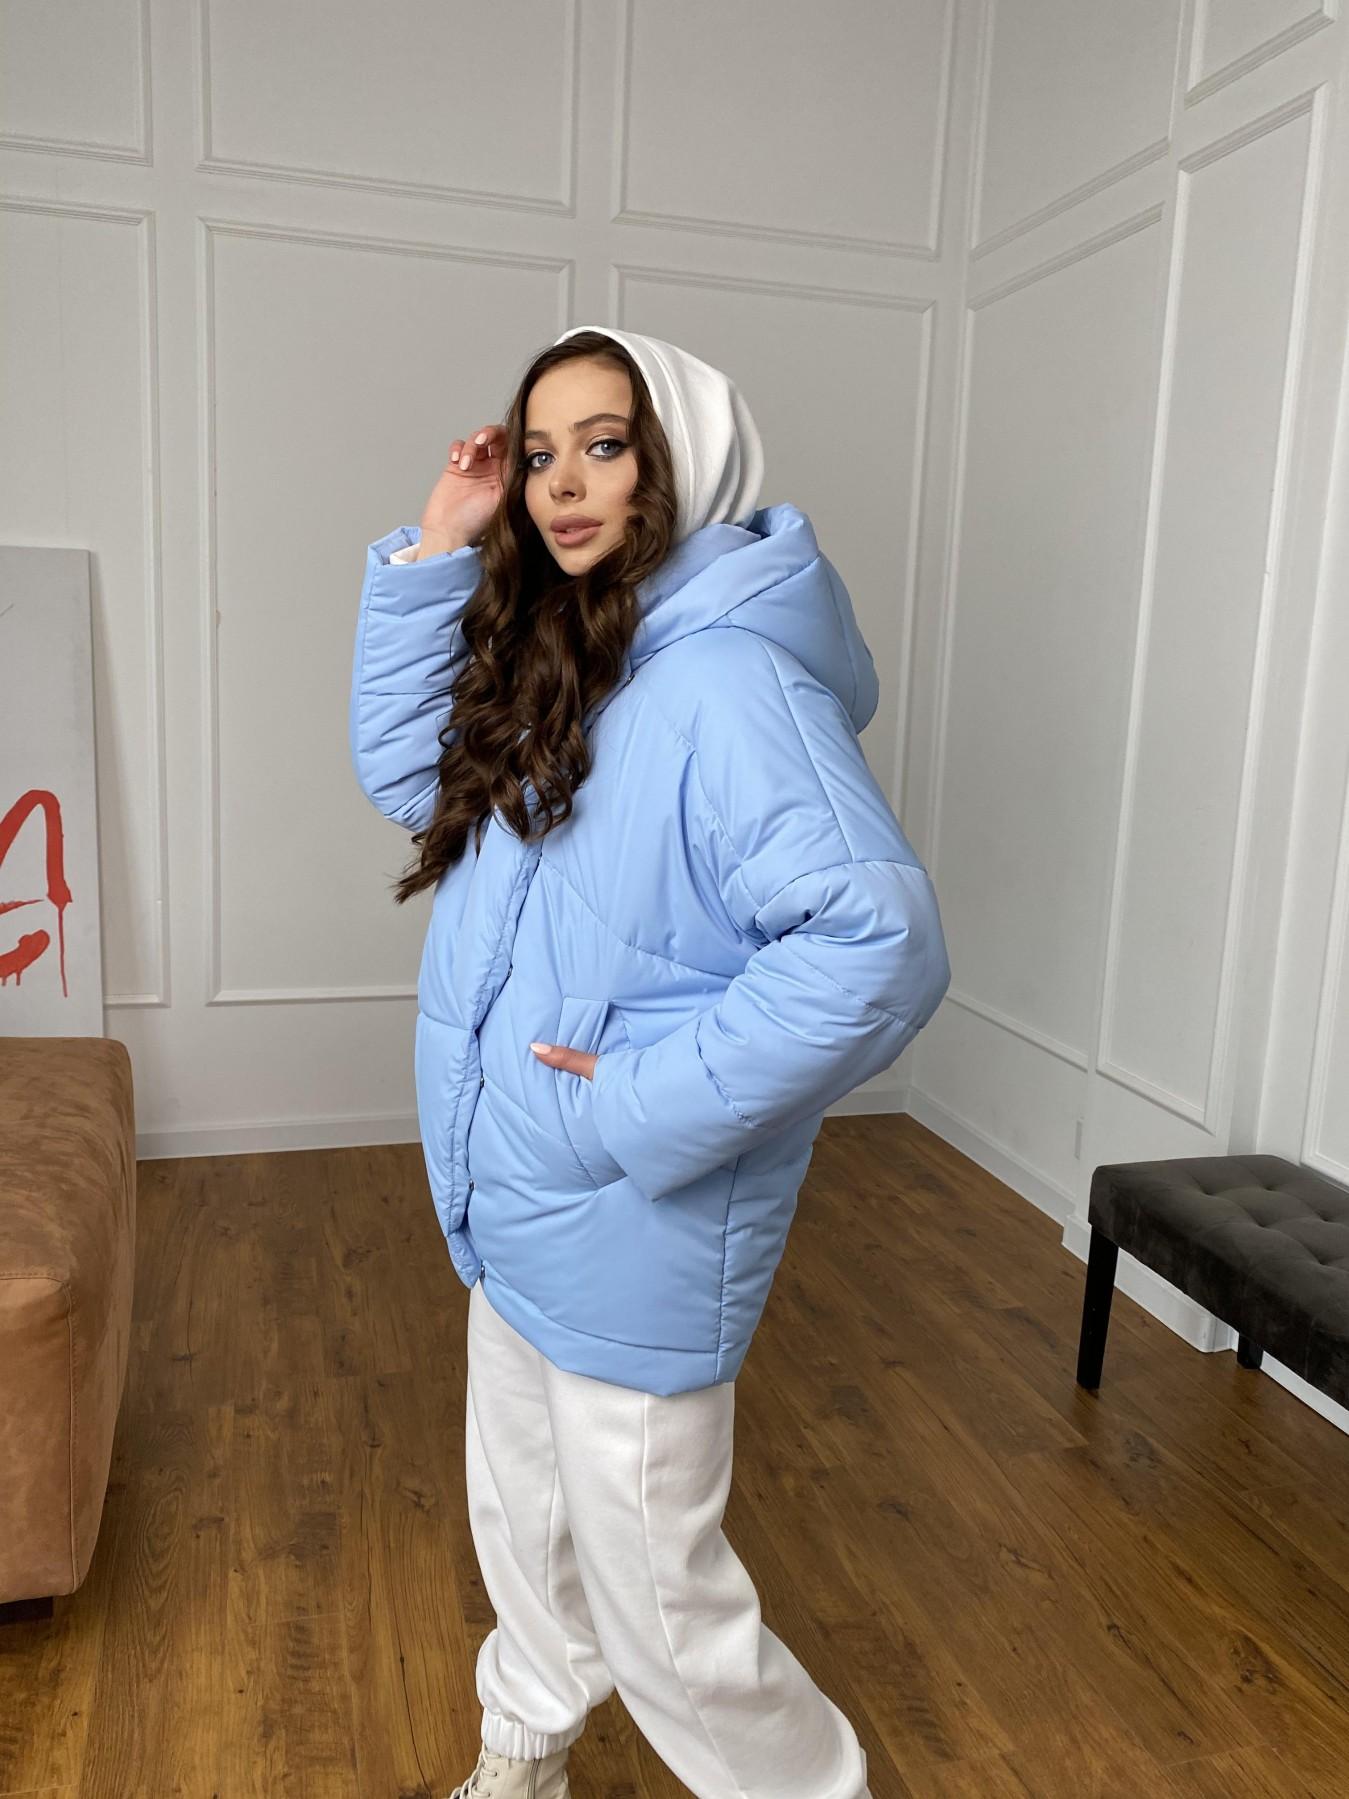 Уно куртка плащевка Ammy 10671 АРТ. 47398 Цвет: Голубой - фото 5, интернет магазин tm-modus.ru